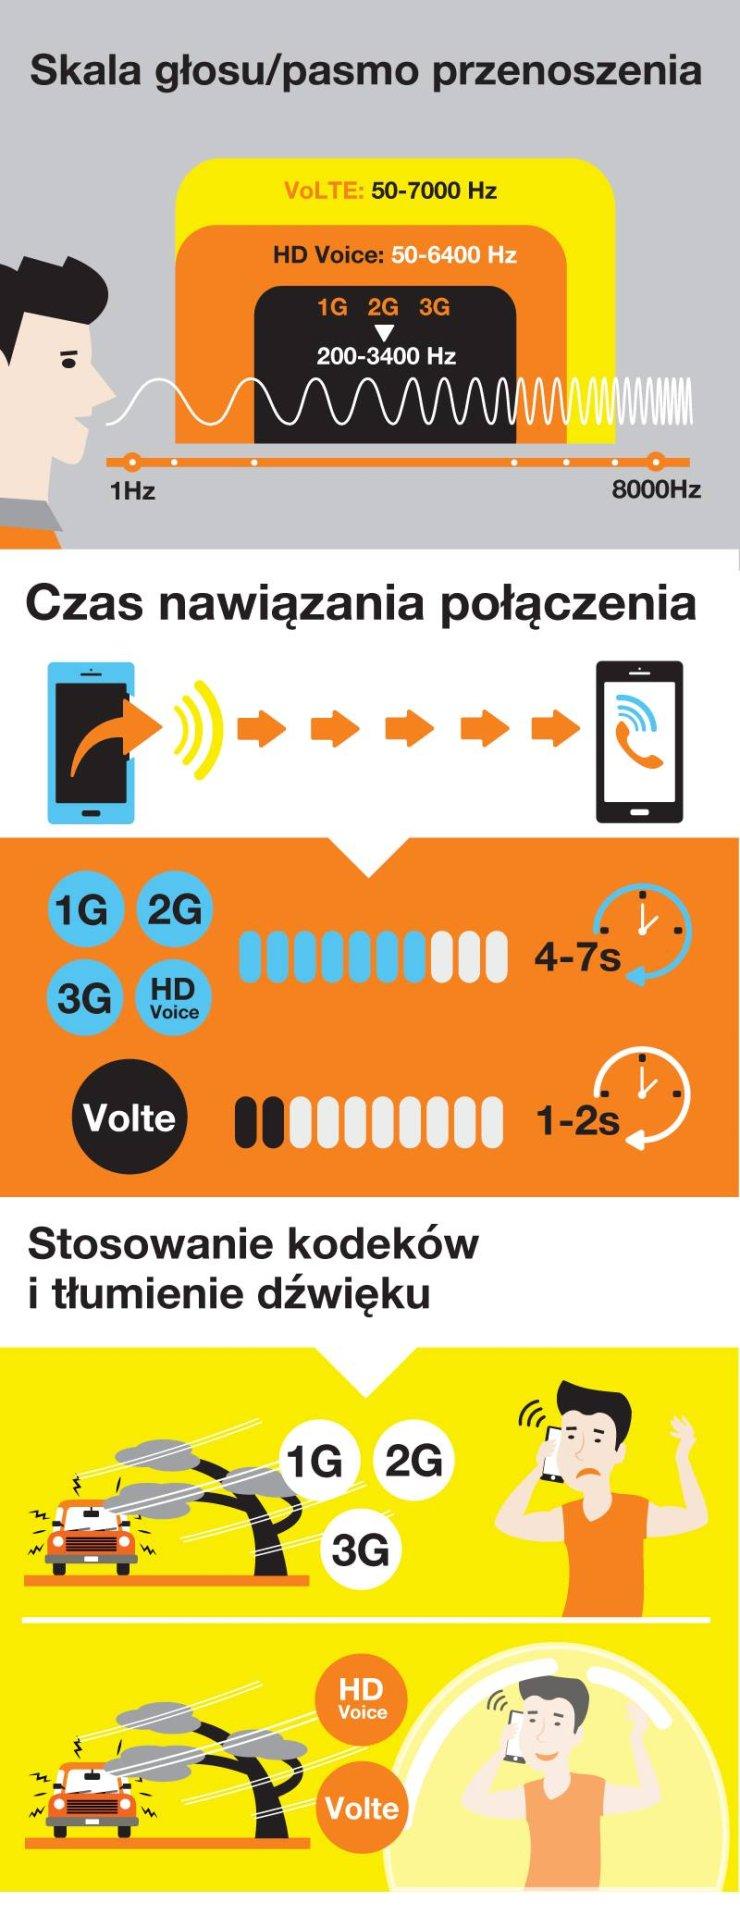 Porównanie skali głosu, czasu nawiązania połączenia i tłumienia dźwięków między VoLTE a sieciami starszych generacji